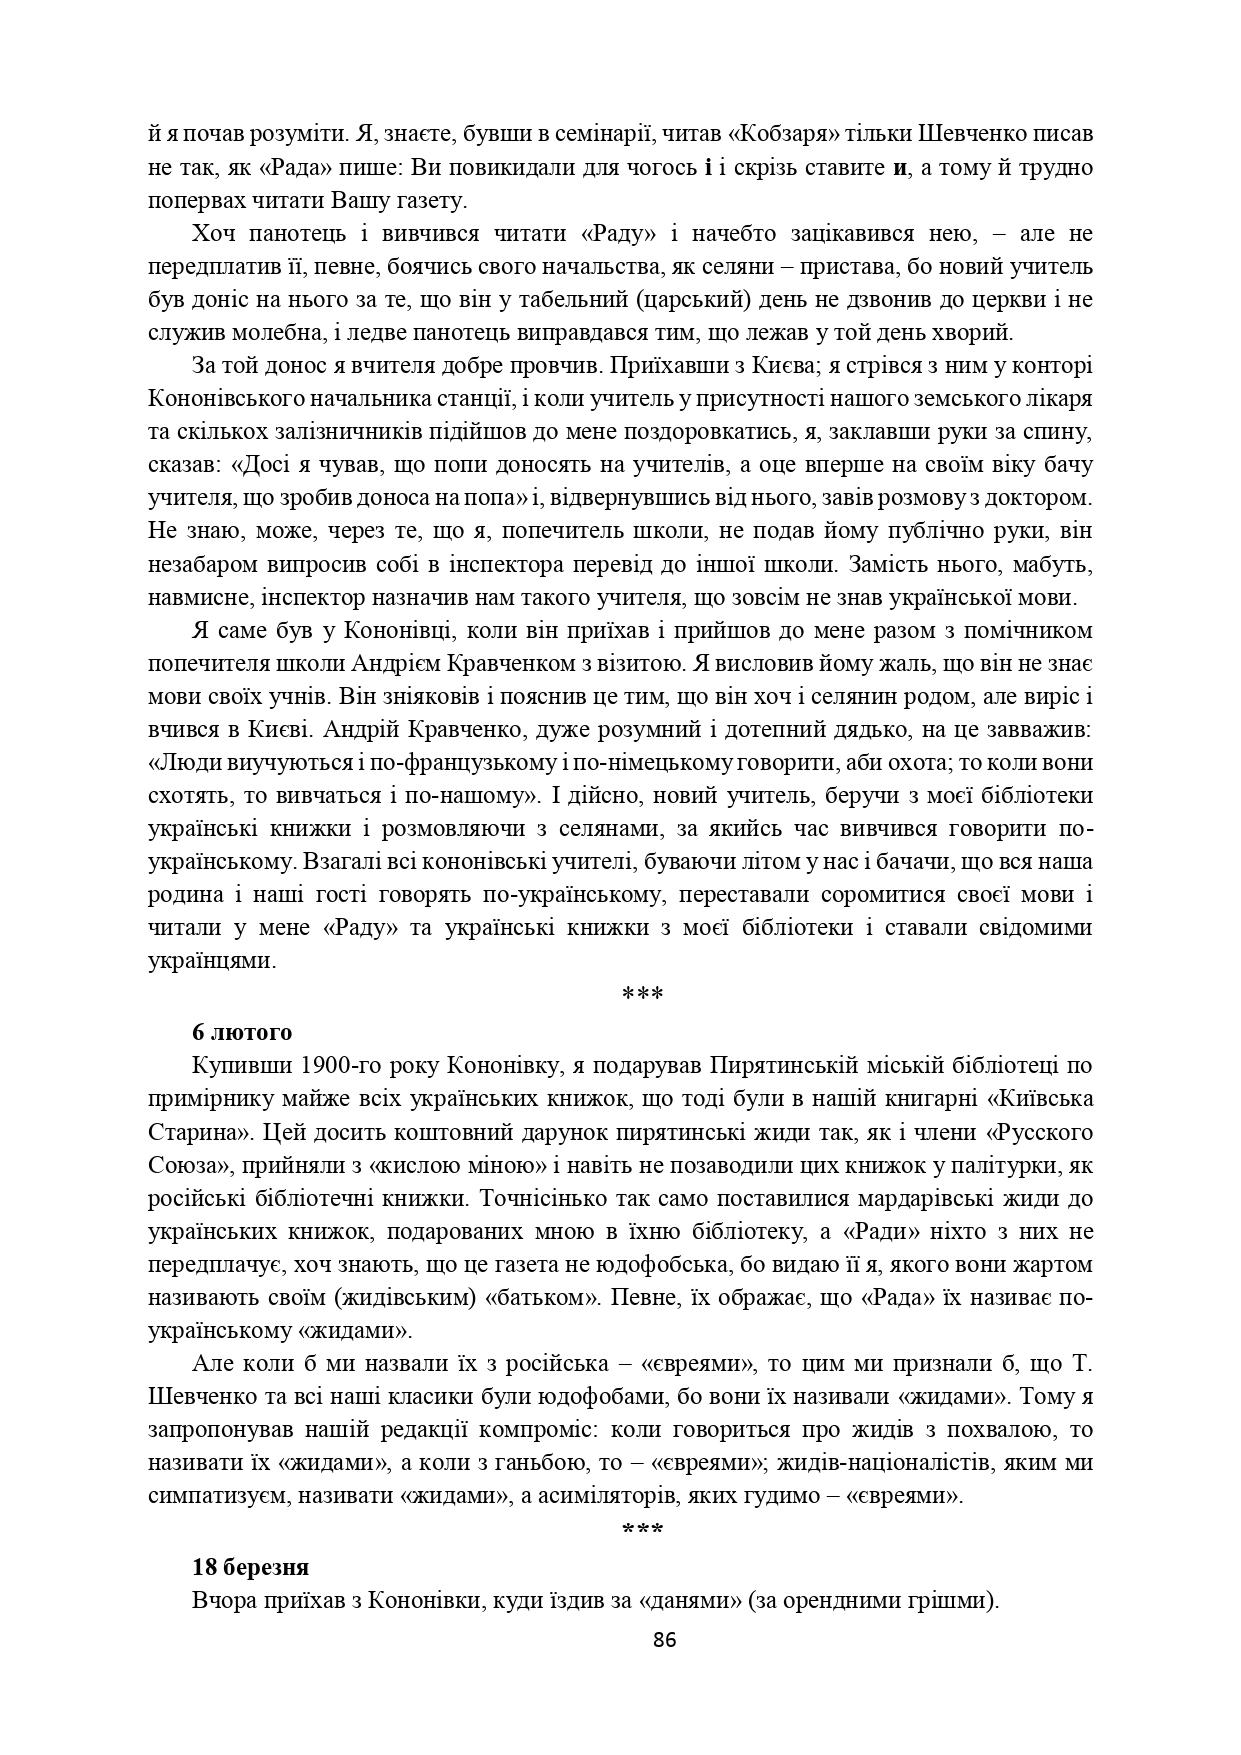 ІСТОРІЯ СЕЛА КОНОНІВКА 2021 (1)_page-0086